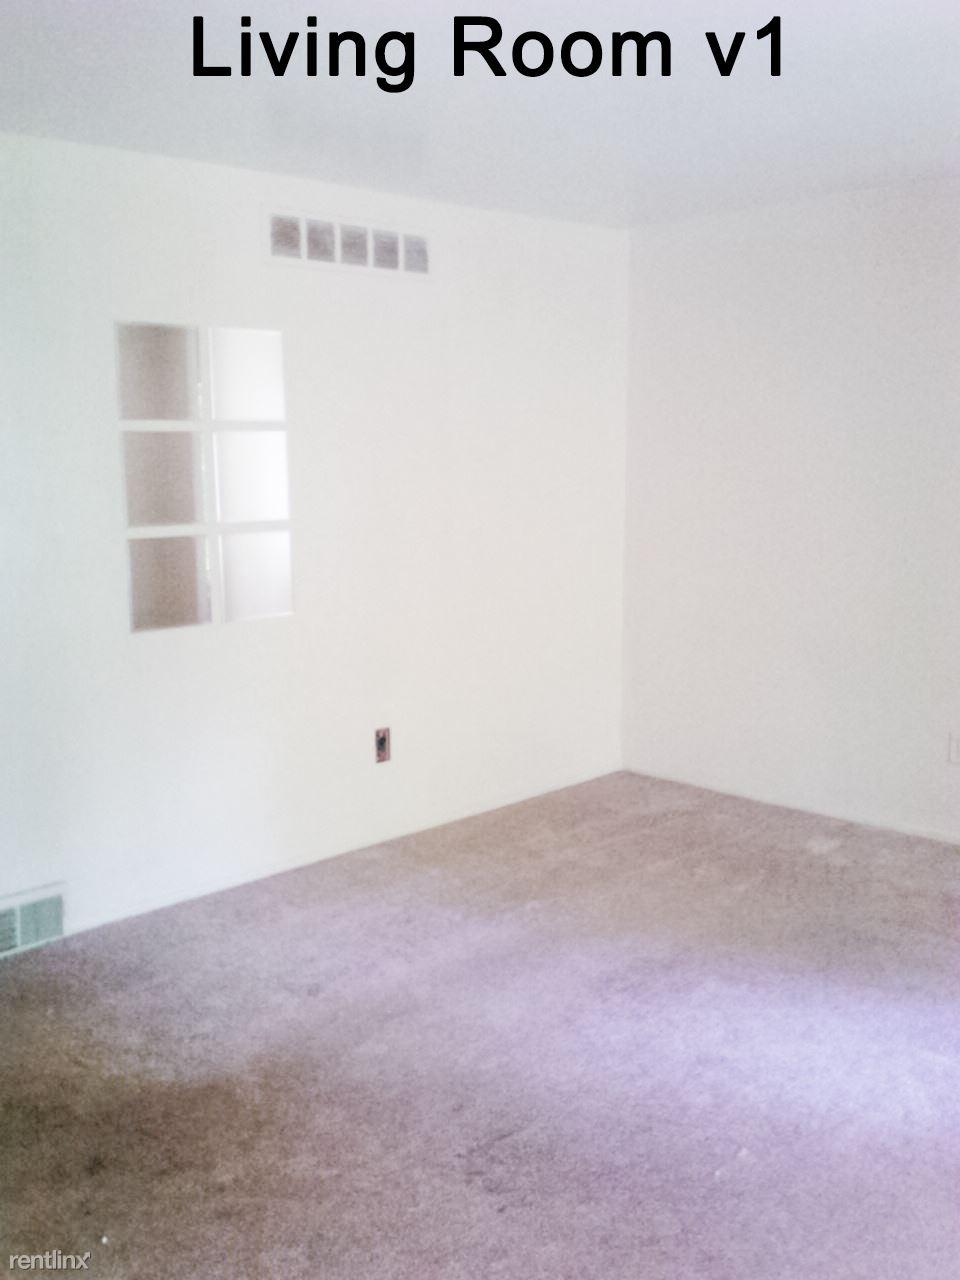 6 - Living Room v1